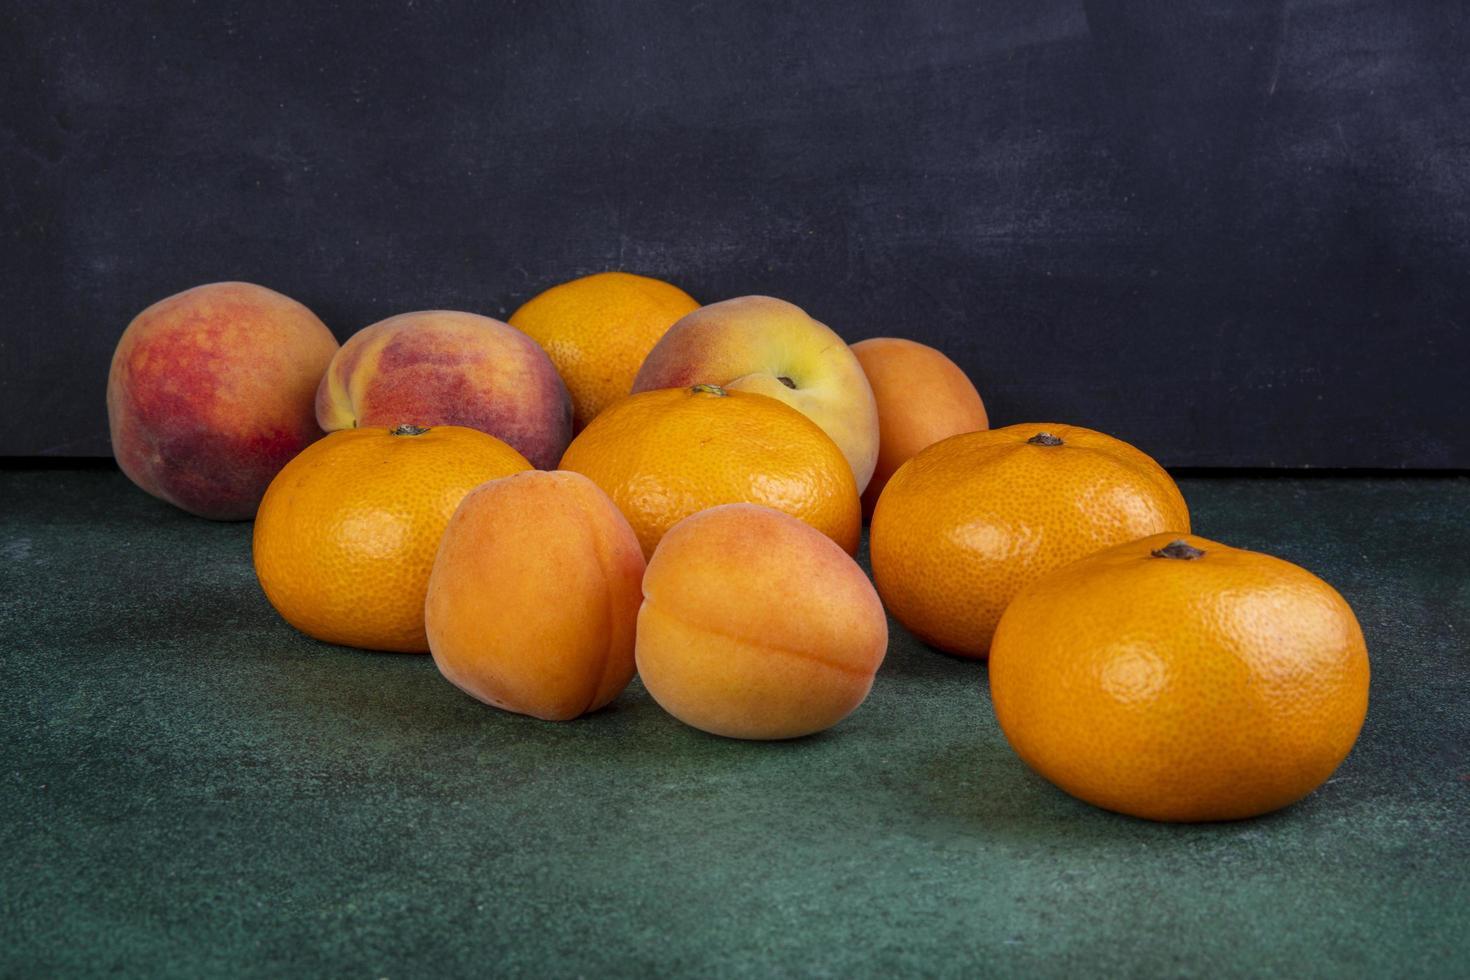 vue de face des pêches aux mandarines et abricots photo